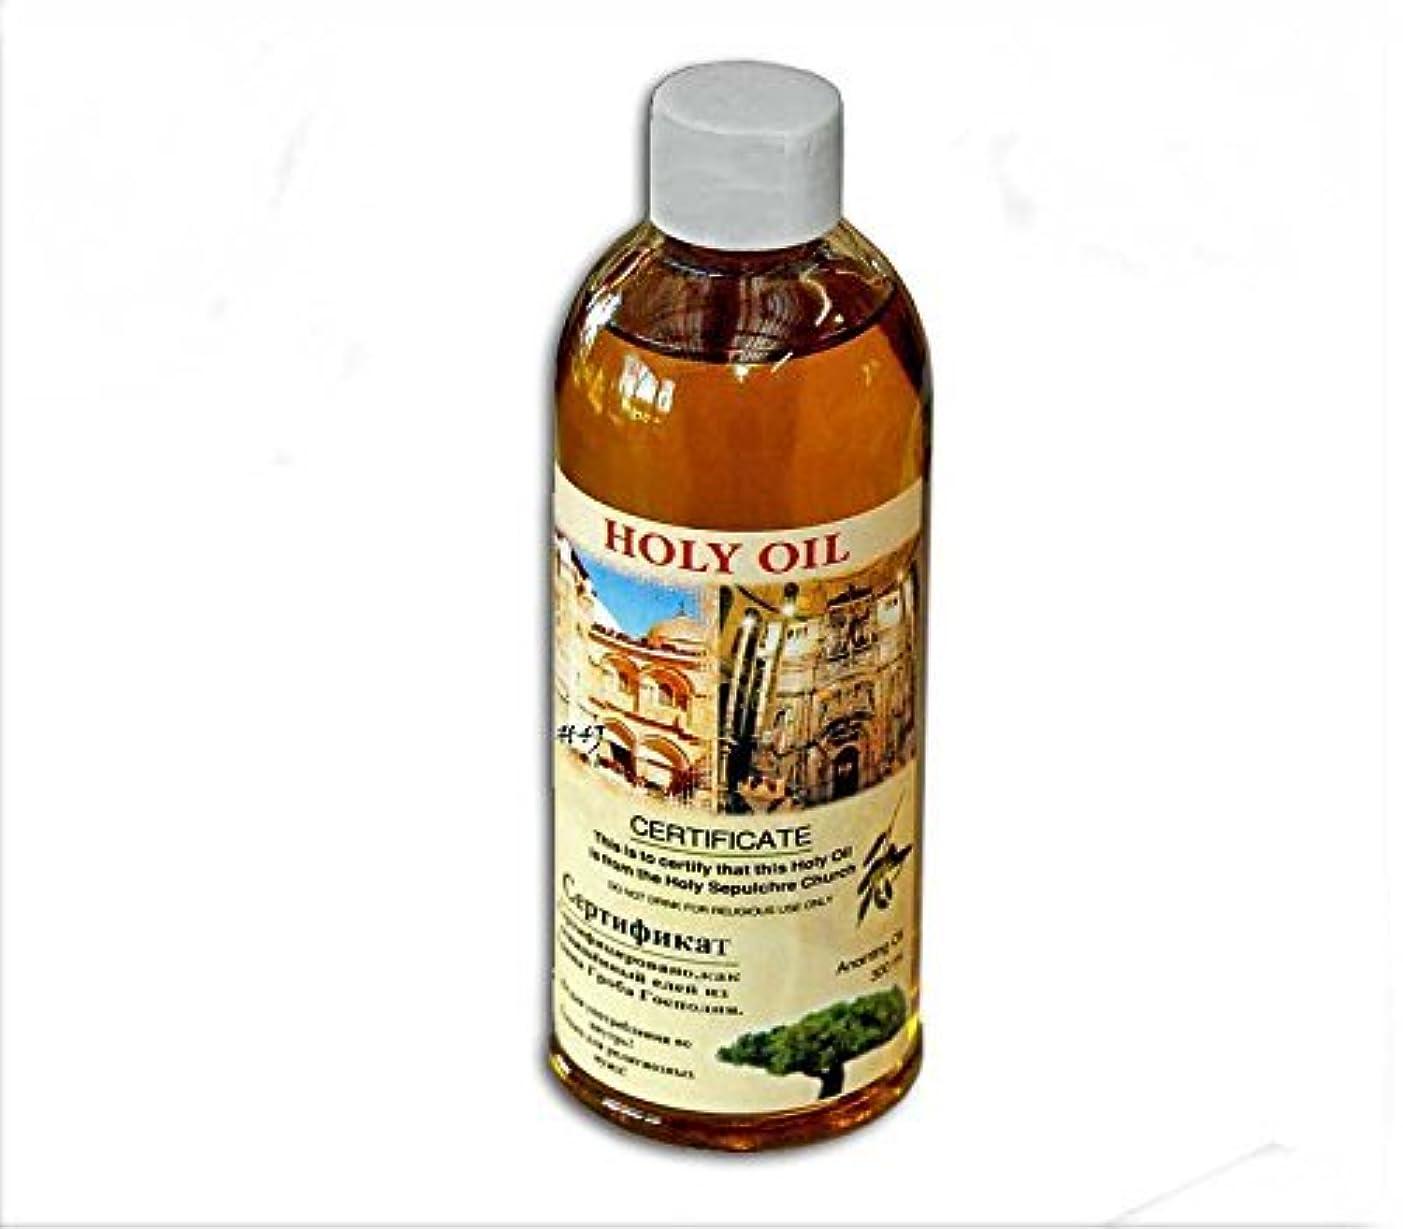 細断極めてコミュニティ60 ml Holy Land AnointingオイルCertificated Blessed小さなボトルからエルサレムbyベツレヘムギフトTM